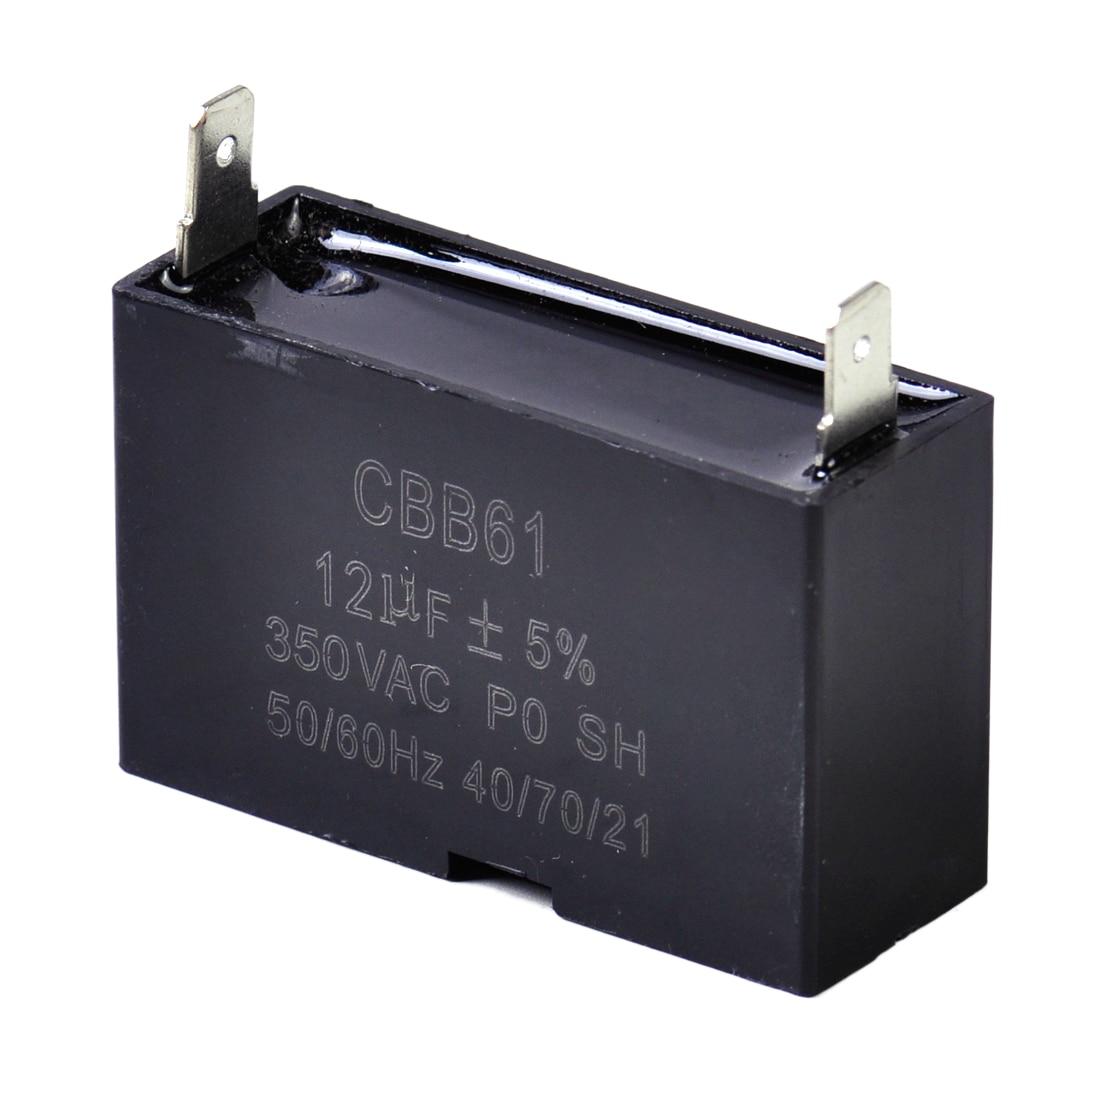 8uF Generator Capacitor 8uF Generator CBB61 8 uF 50 or 60 Hz 350V 350 VAC